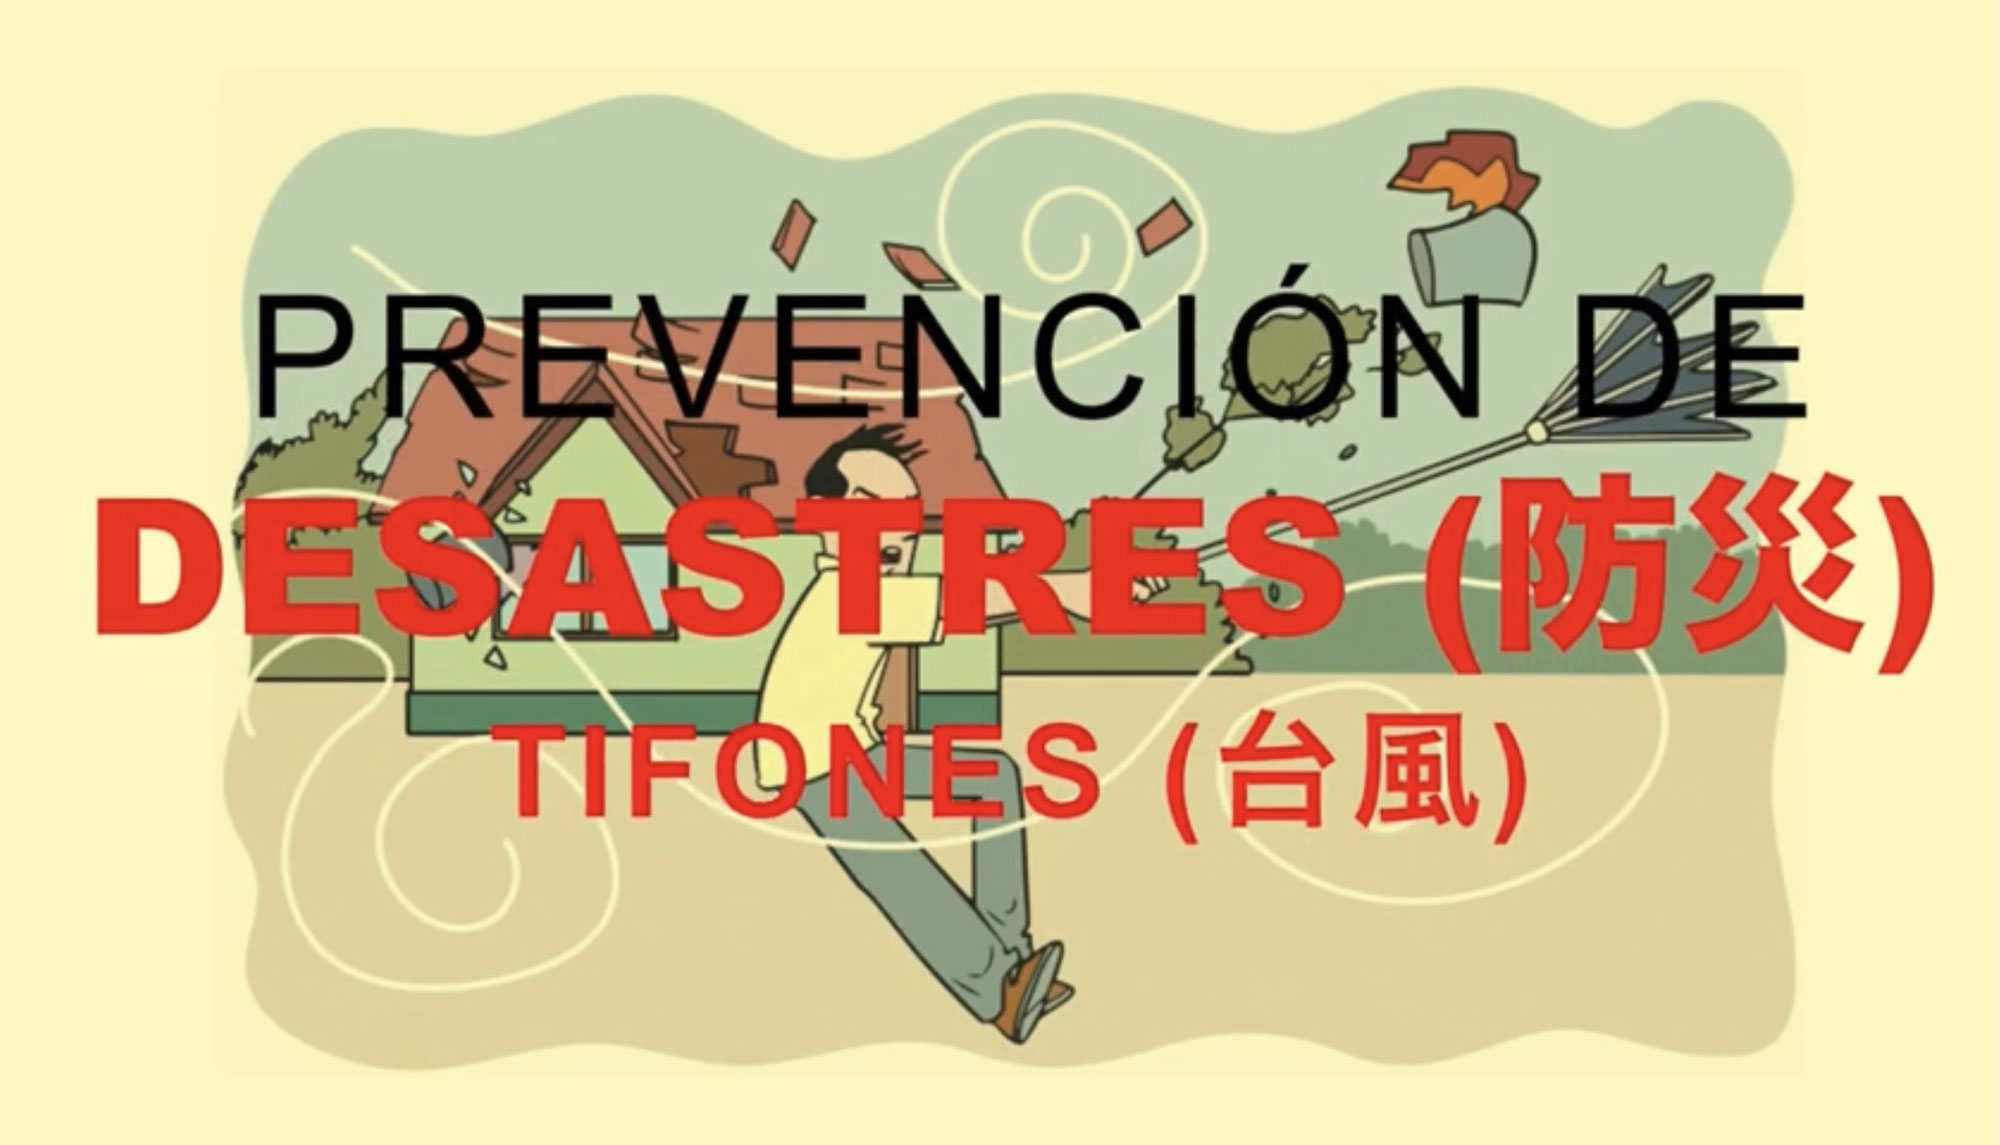 ◆◆Prevención de desastres (防災): Tifón(台風)◆◆